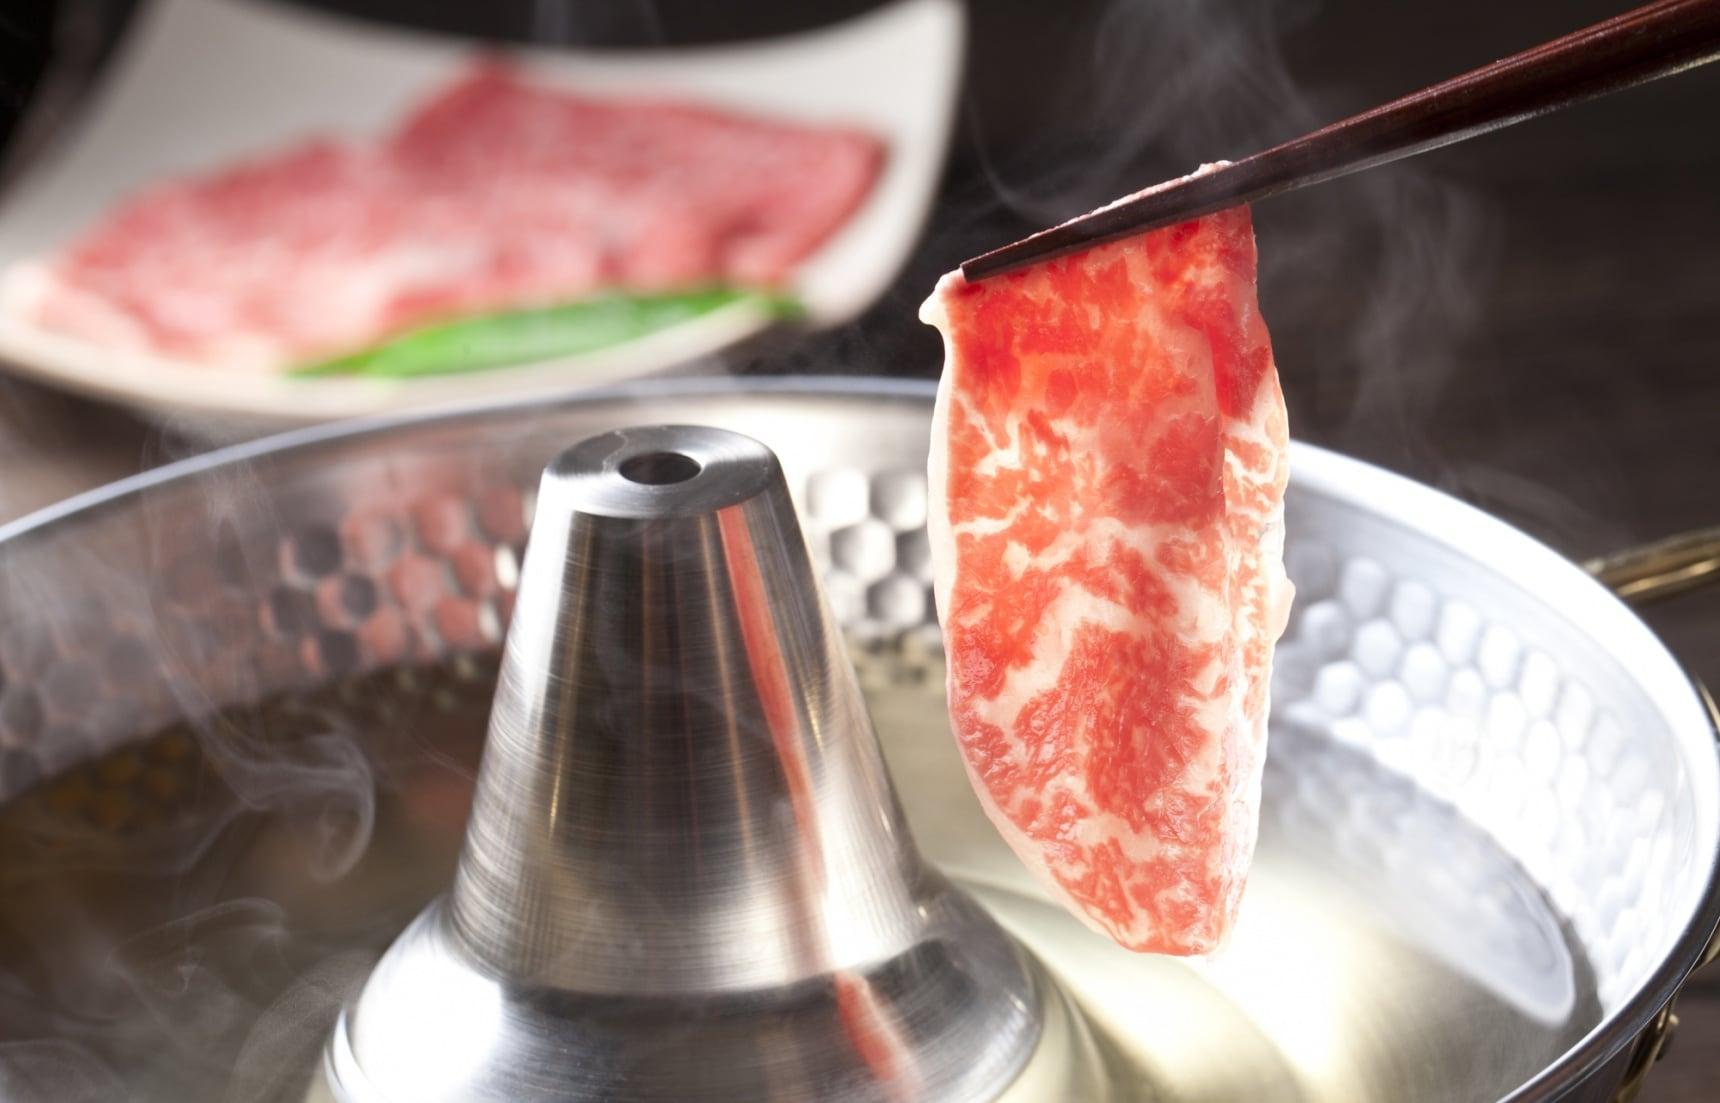 清爽又低卡!在家也能輕鬆享用美味的日本和牛涮涮鍋